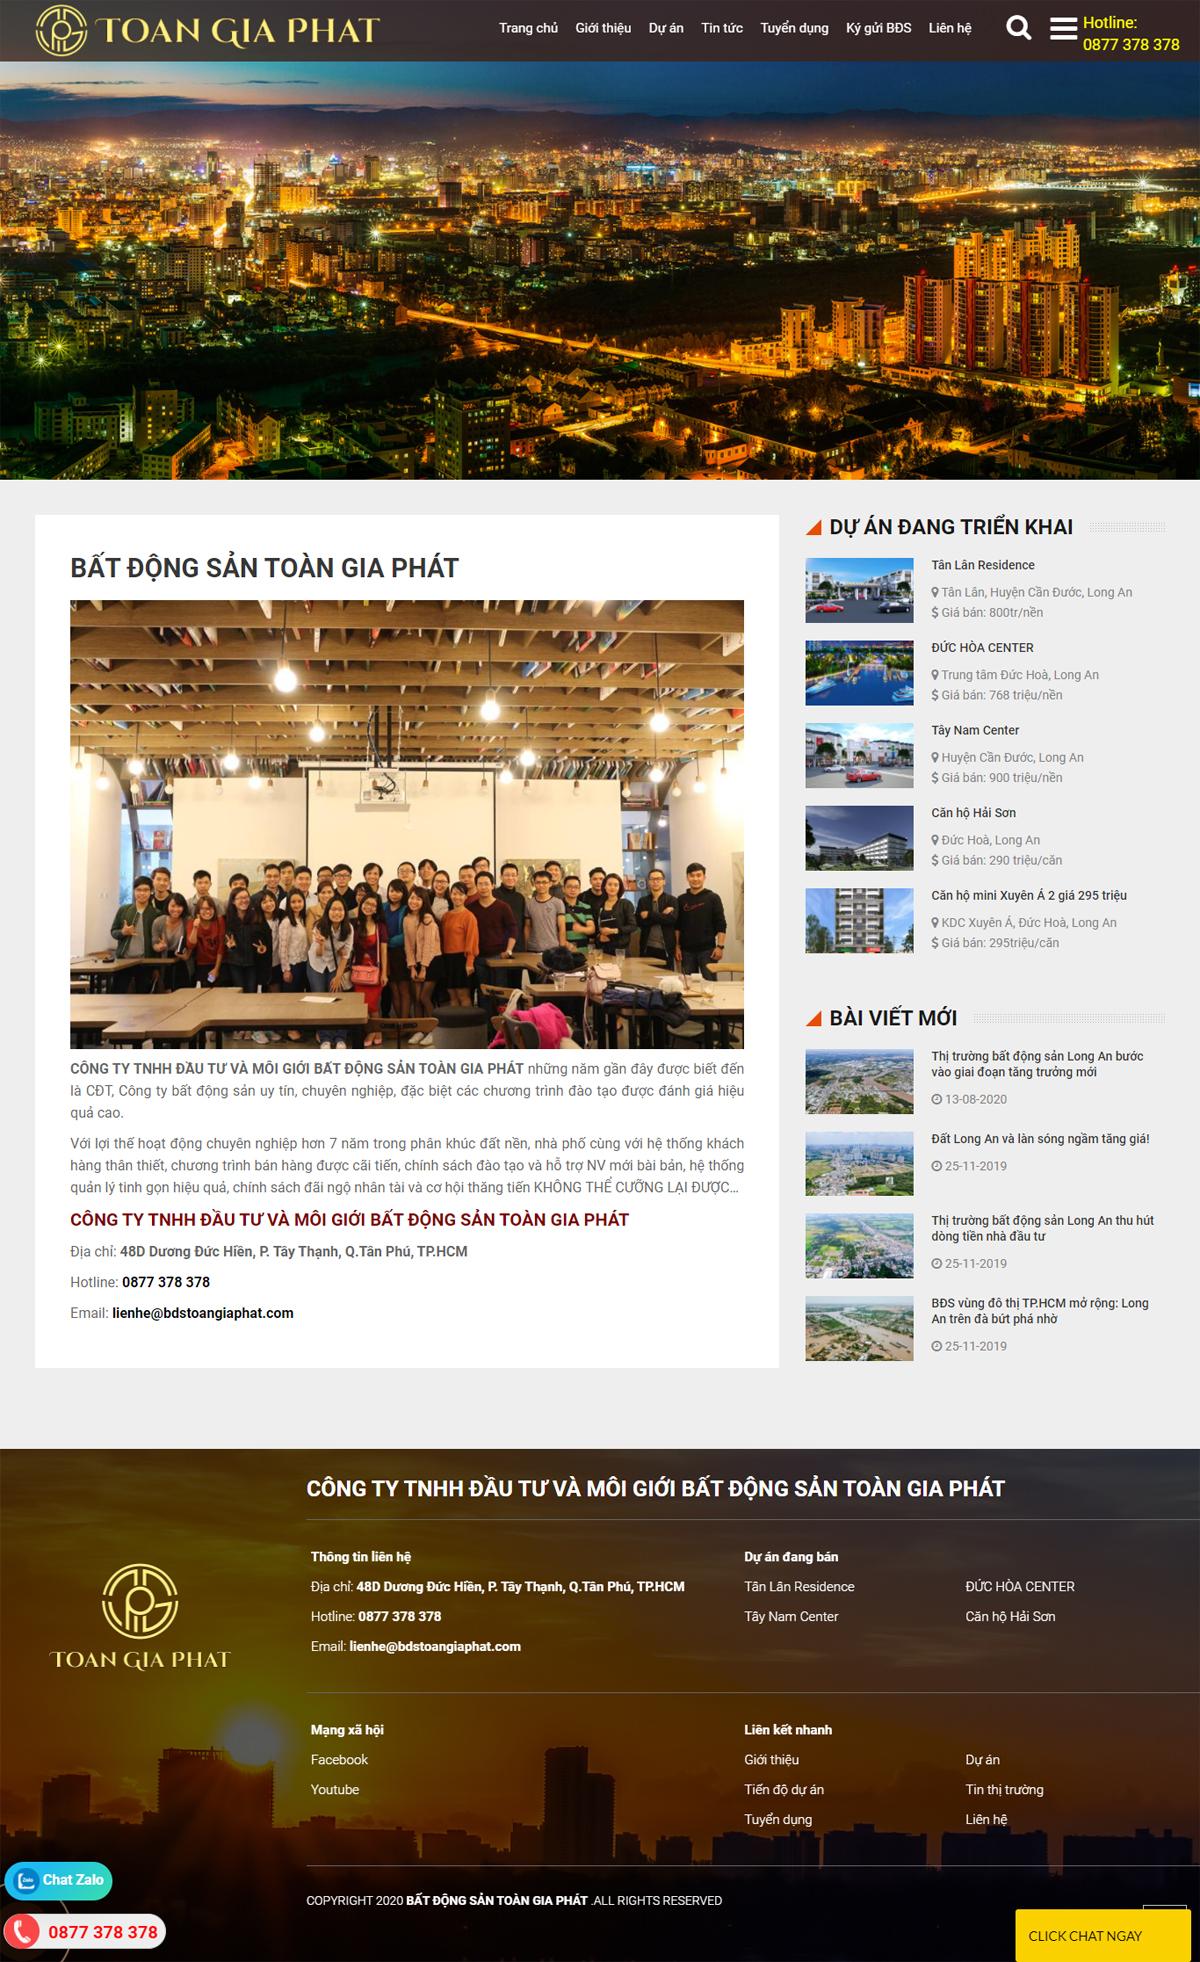 website công ty bất động sản bdstoangiaphat.com